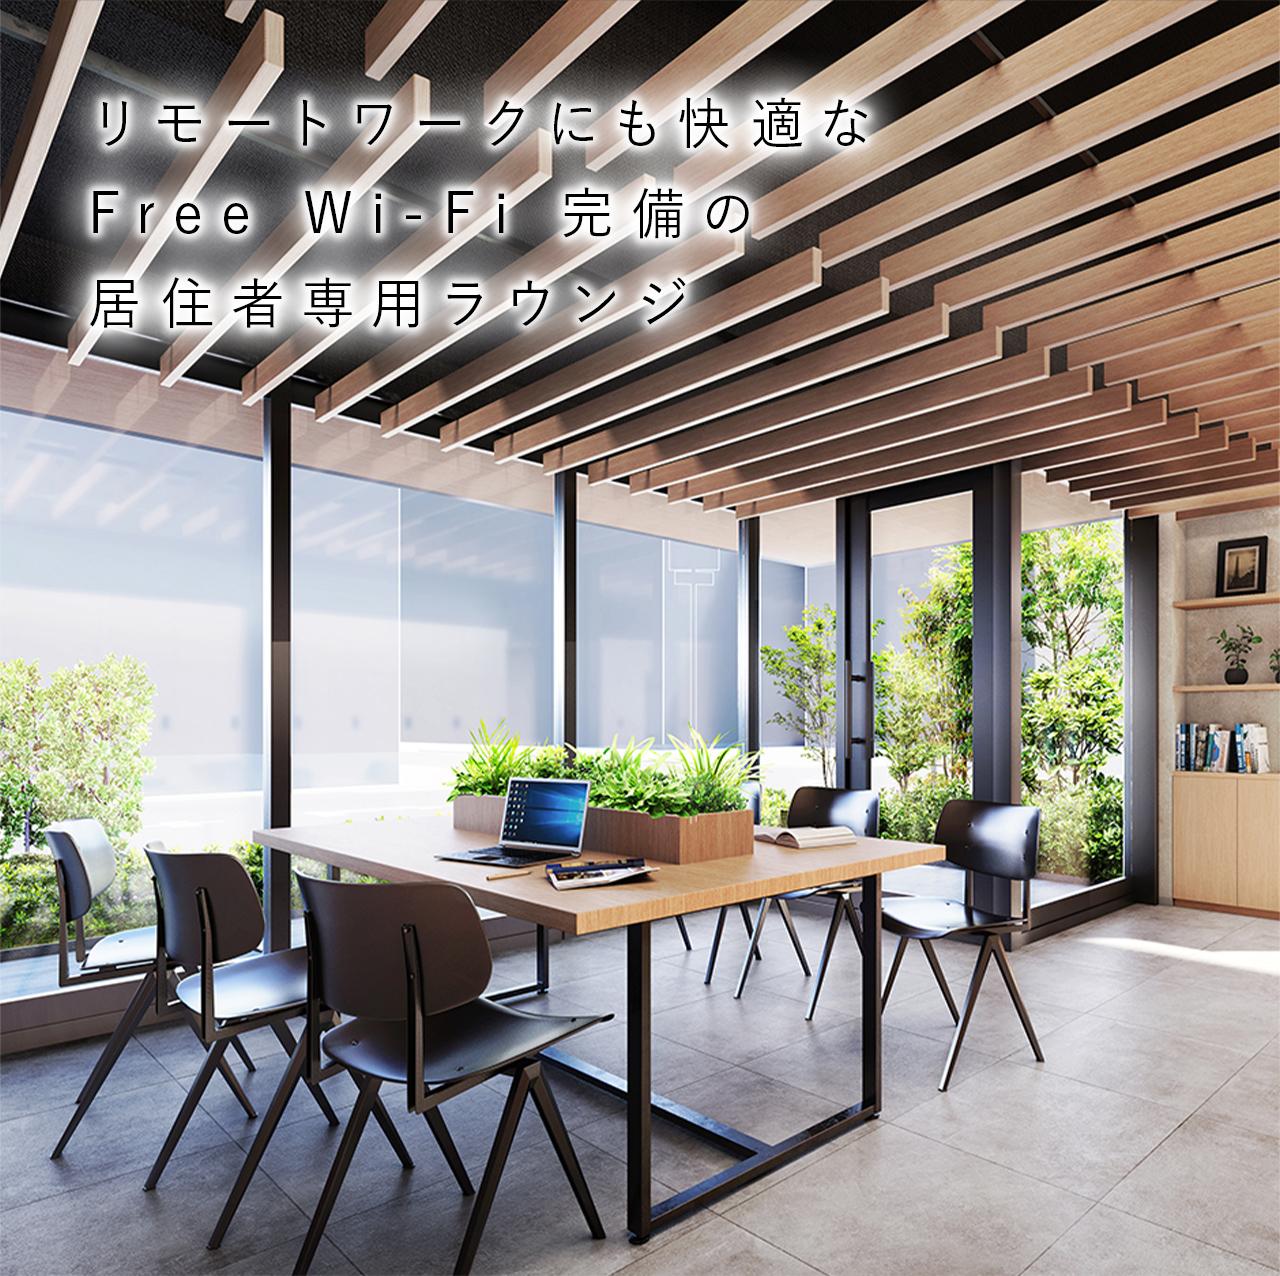 コスモスイニシア、大阪市の「大手前」販売開始―単身者ターゲットに共用設備や企画充実